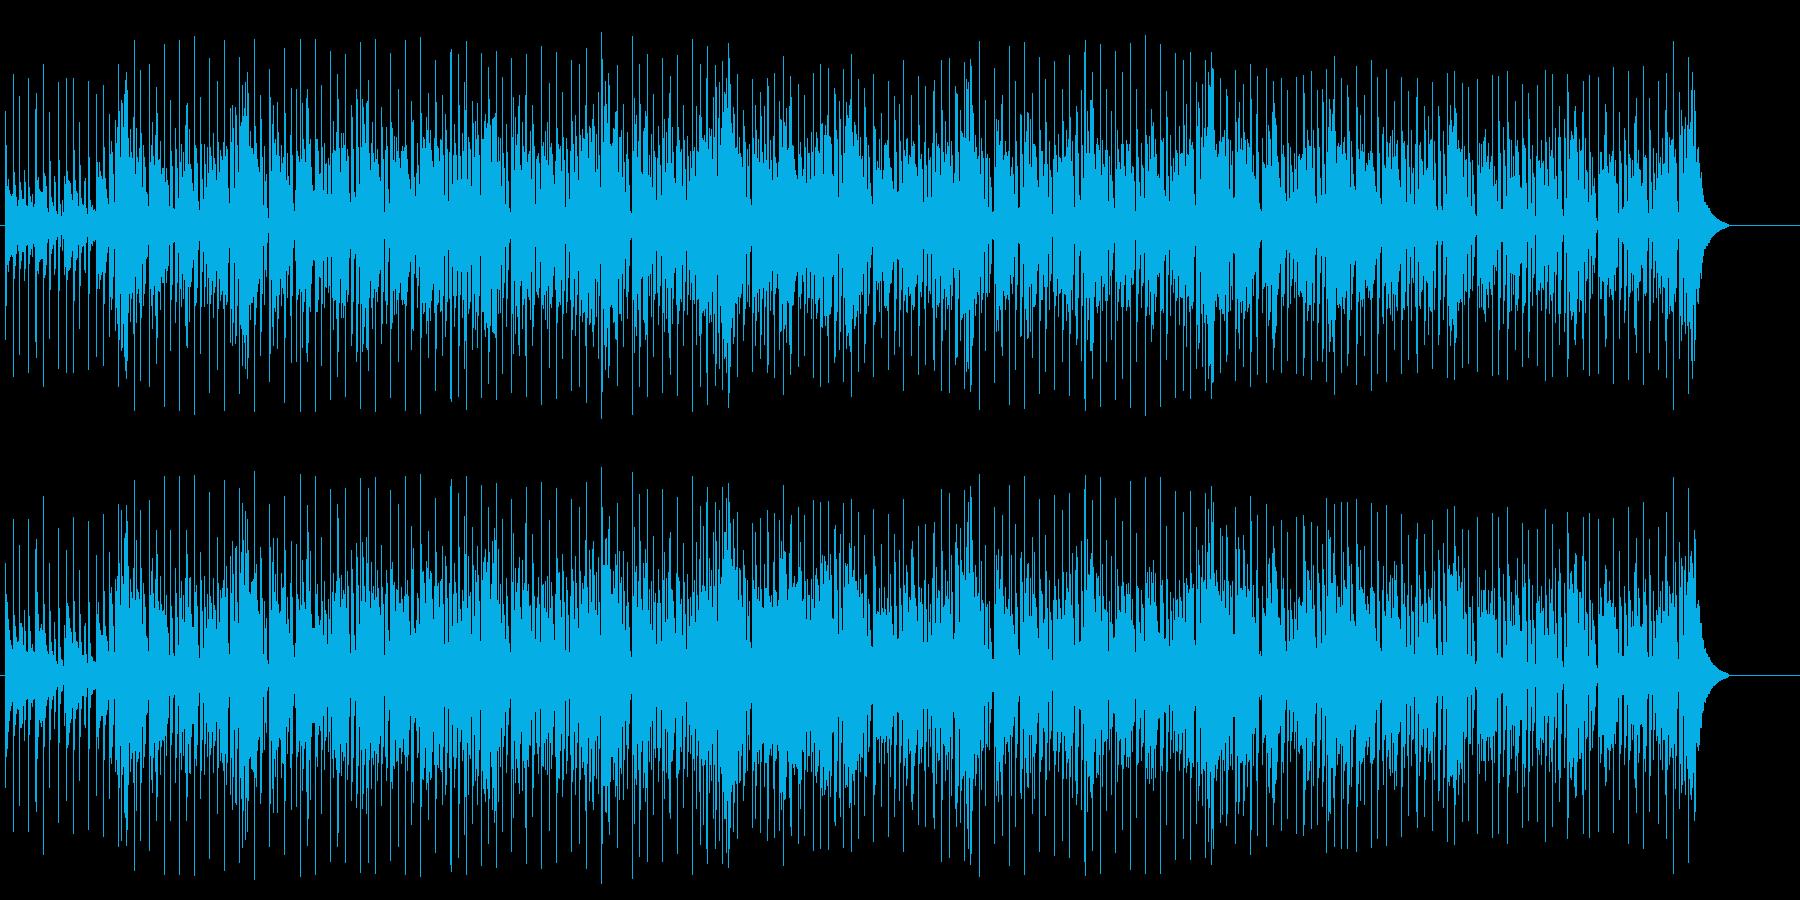 大人の香り漂うフュージョン/BG/テクノの再生済みの波形